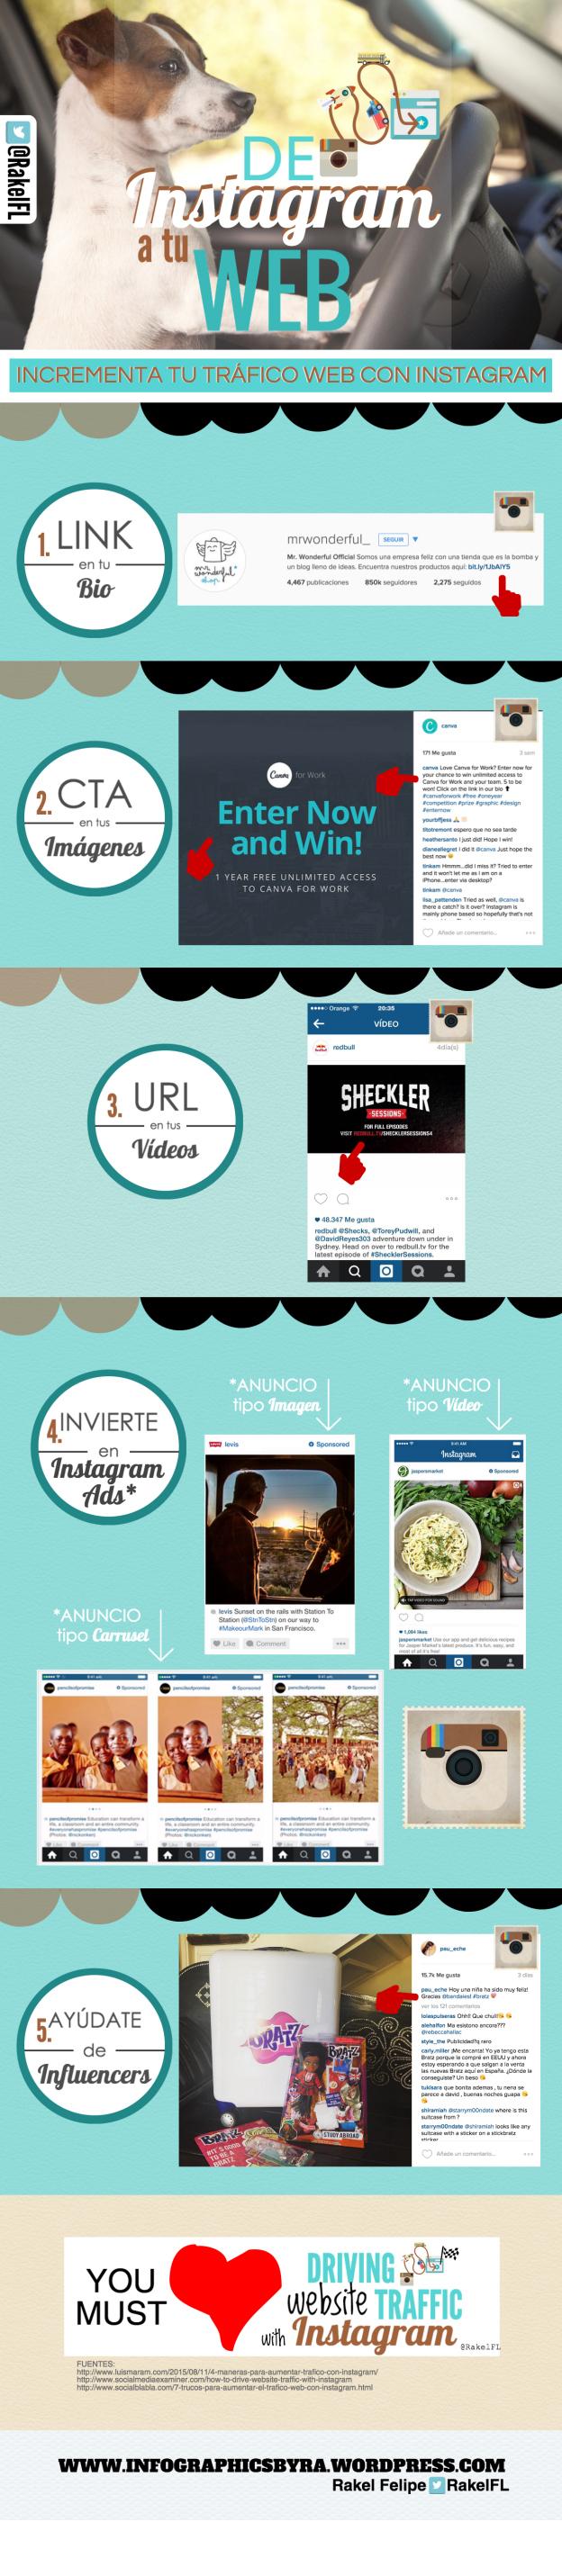 lleva-trafico-de-instagram-web-infografia